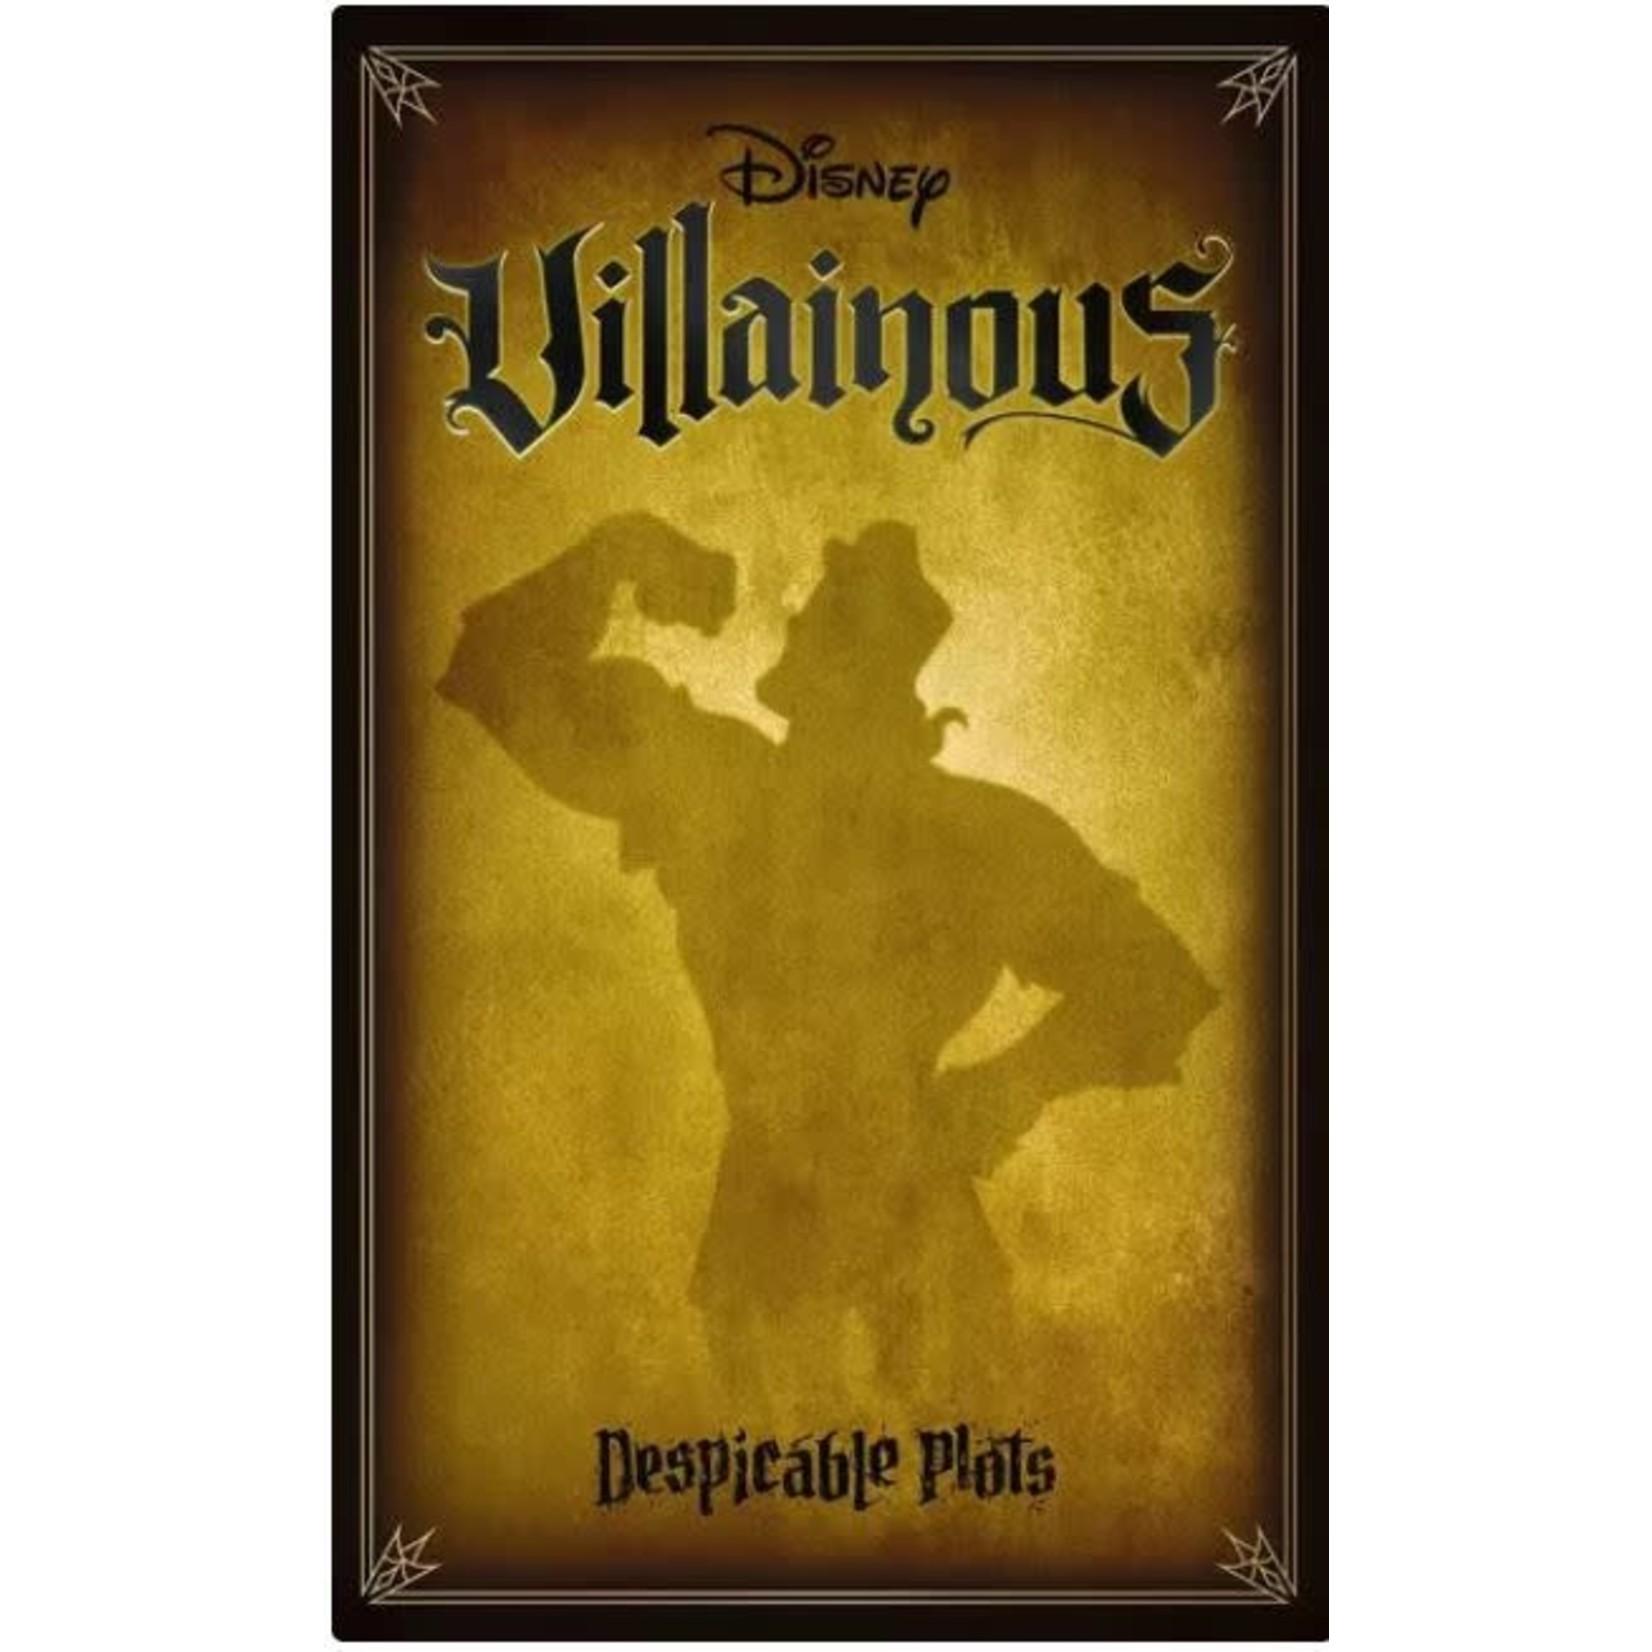 Disney Villainous Despicable Plots